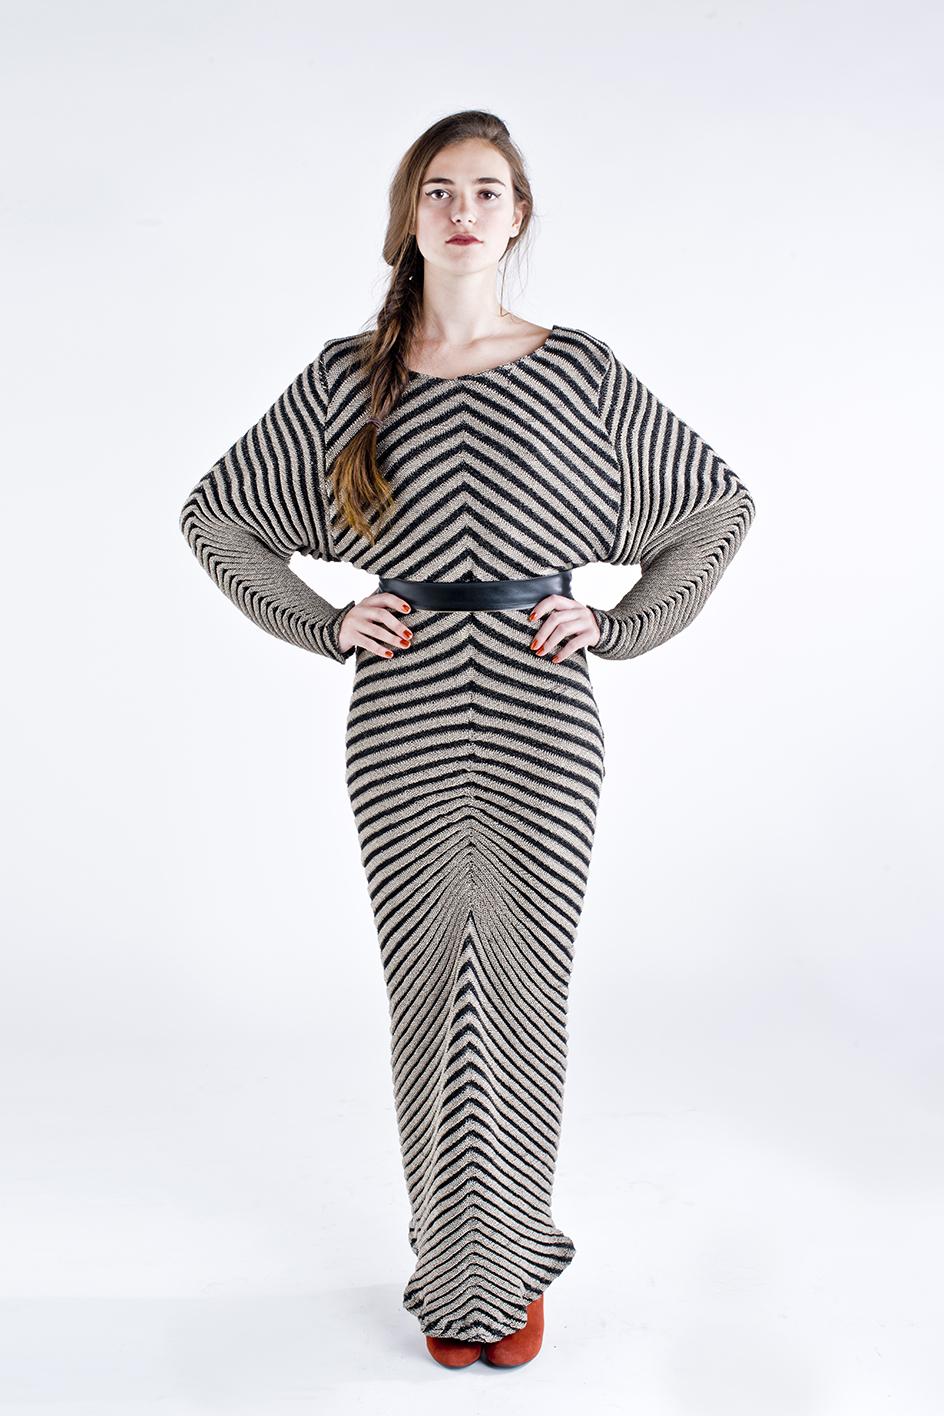 highline_dress_012_DSC6386.jpg